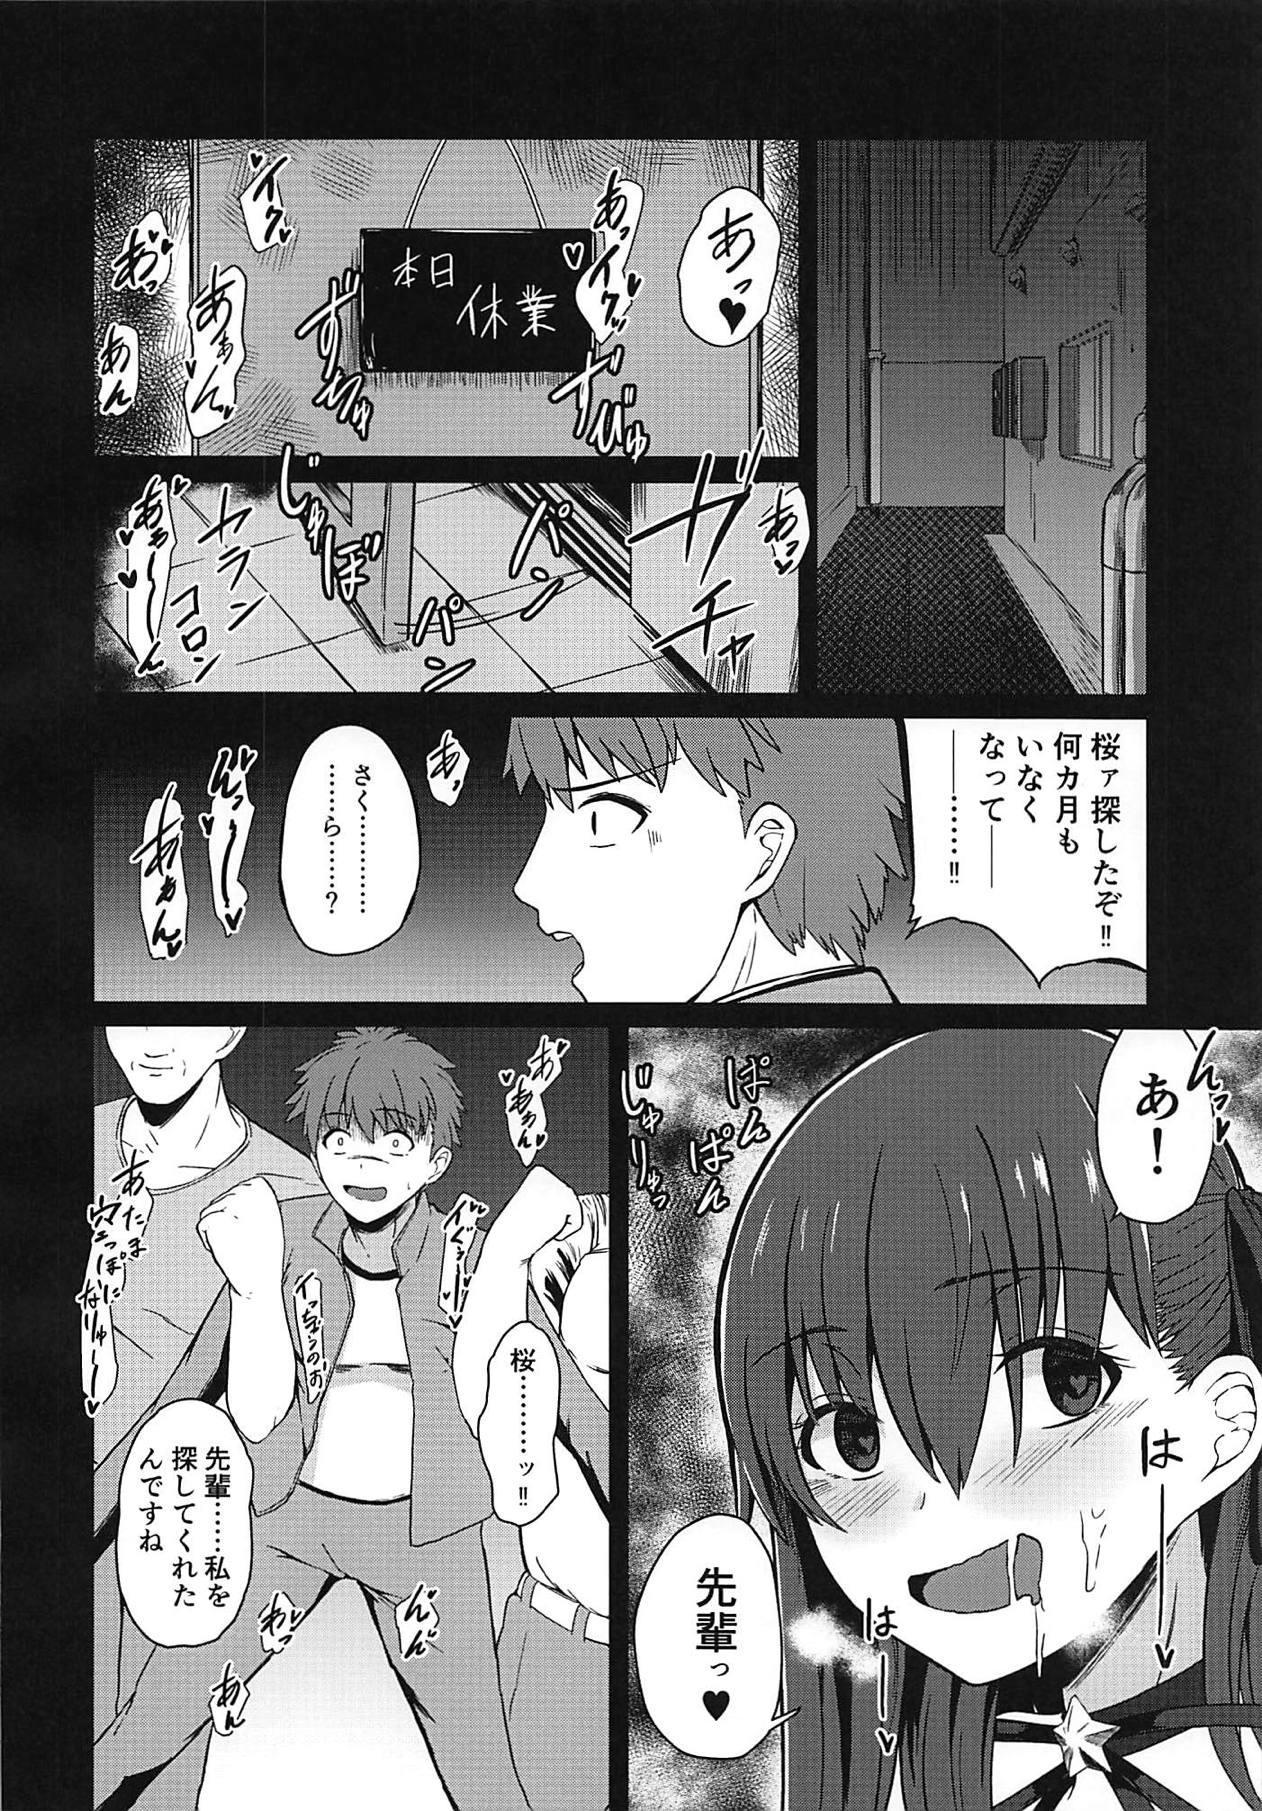 Tenshi-tachi no Shouten 16